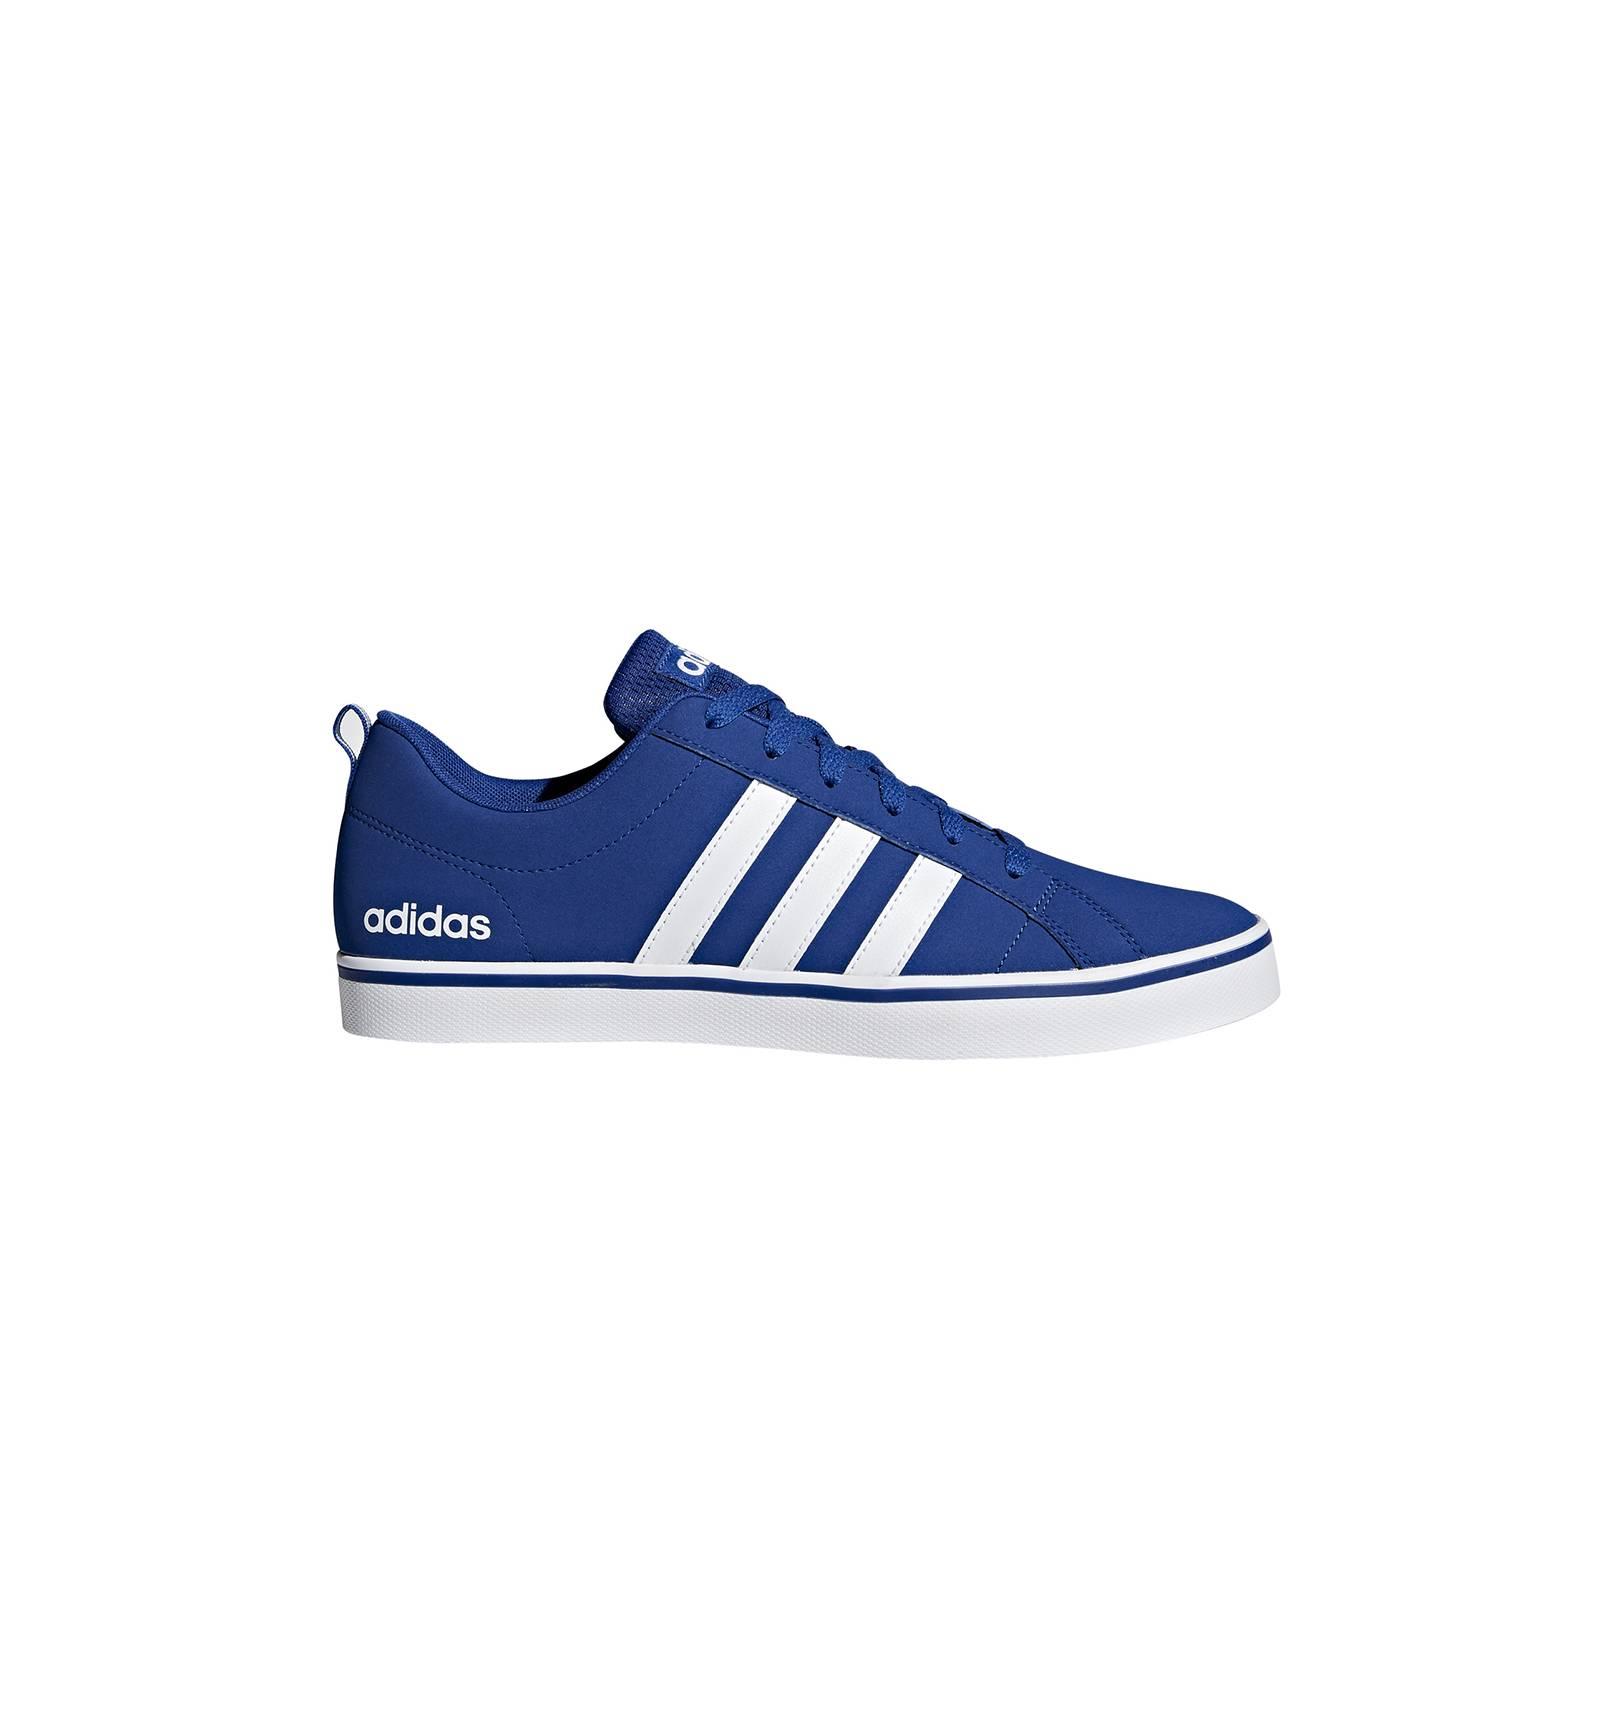 Adidas Zapatilla casual hombre Vs Pace azul